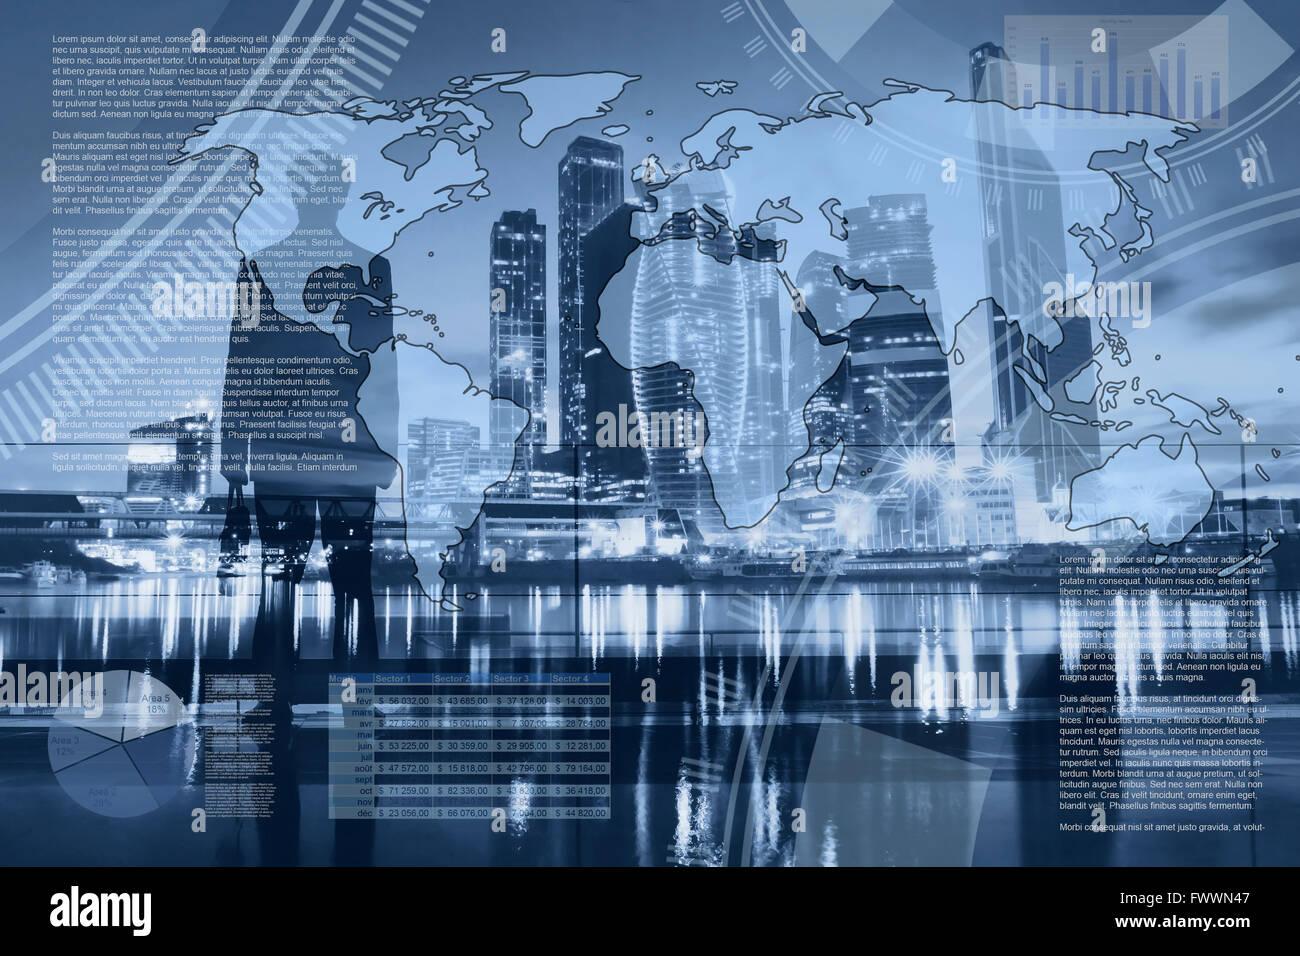 La economía mundial y el comercio mundial, resumen la infografía, asociación internacional de negocios, Imagen De Stock